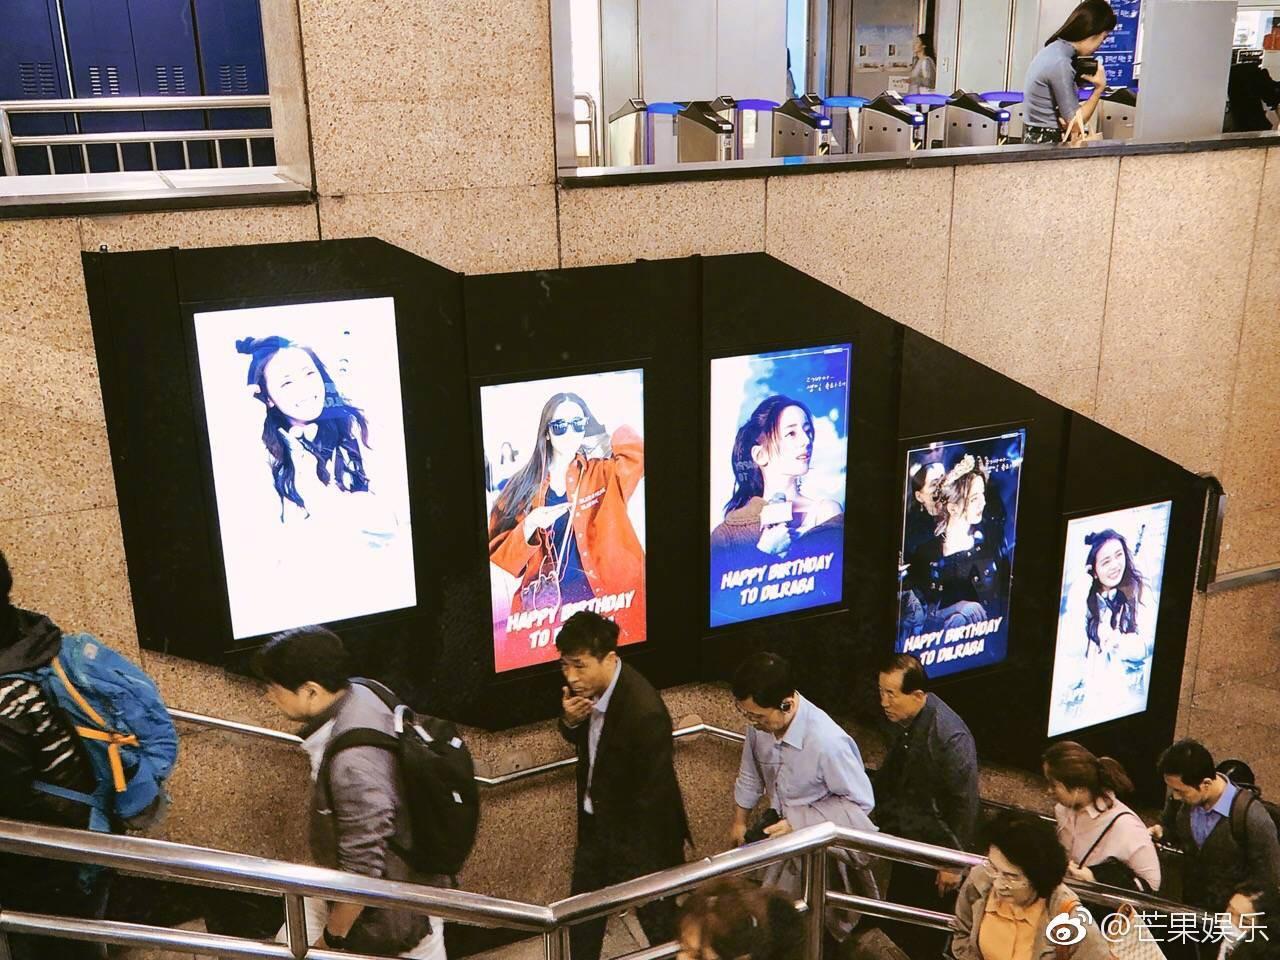 Hình ảnh Địch Lệ Nhiệt Ba tràn lan khắp ga tàu điện của Hàn Quốc: Chuyện gì đang xảy ra? - Ảnh 3.